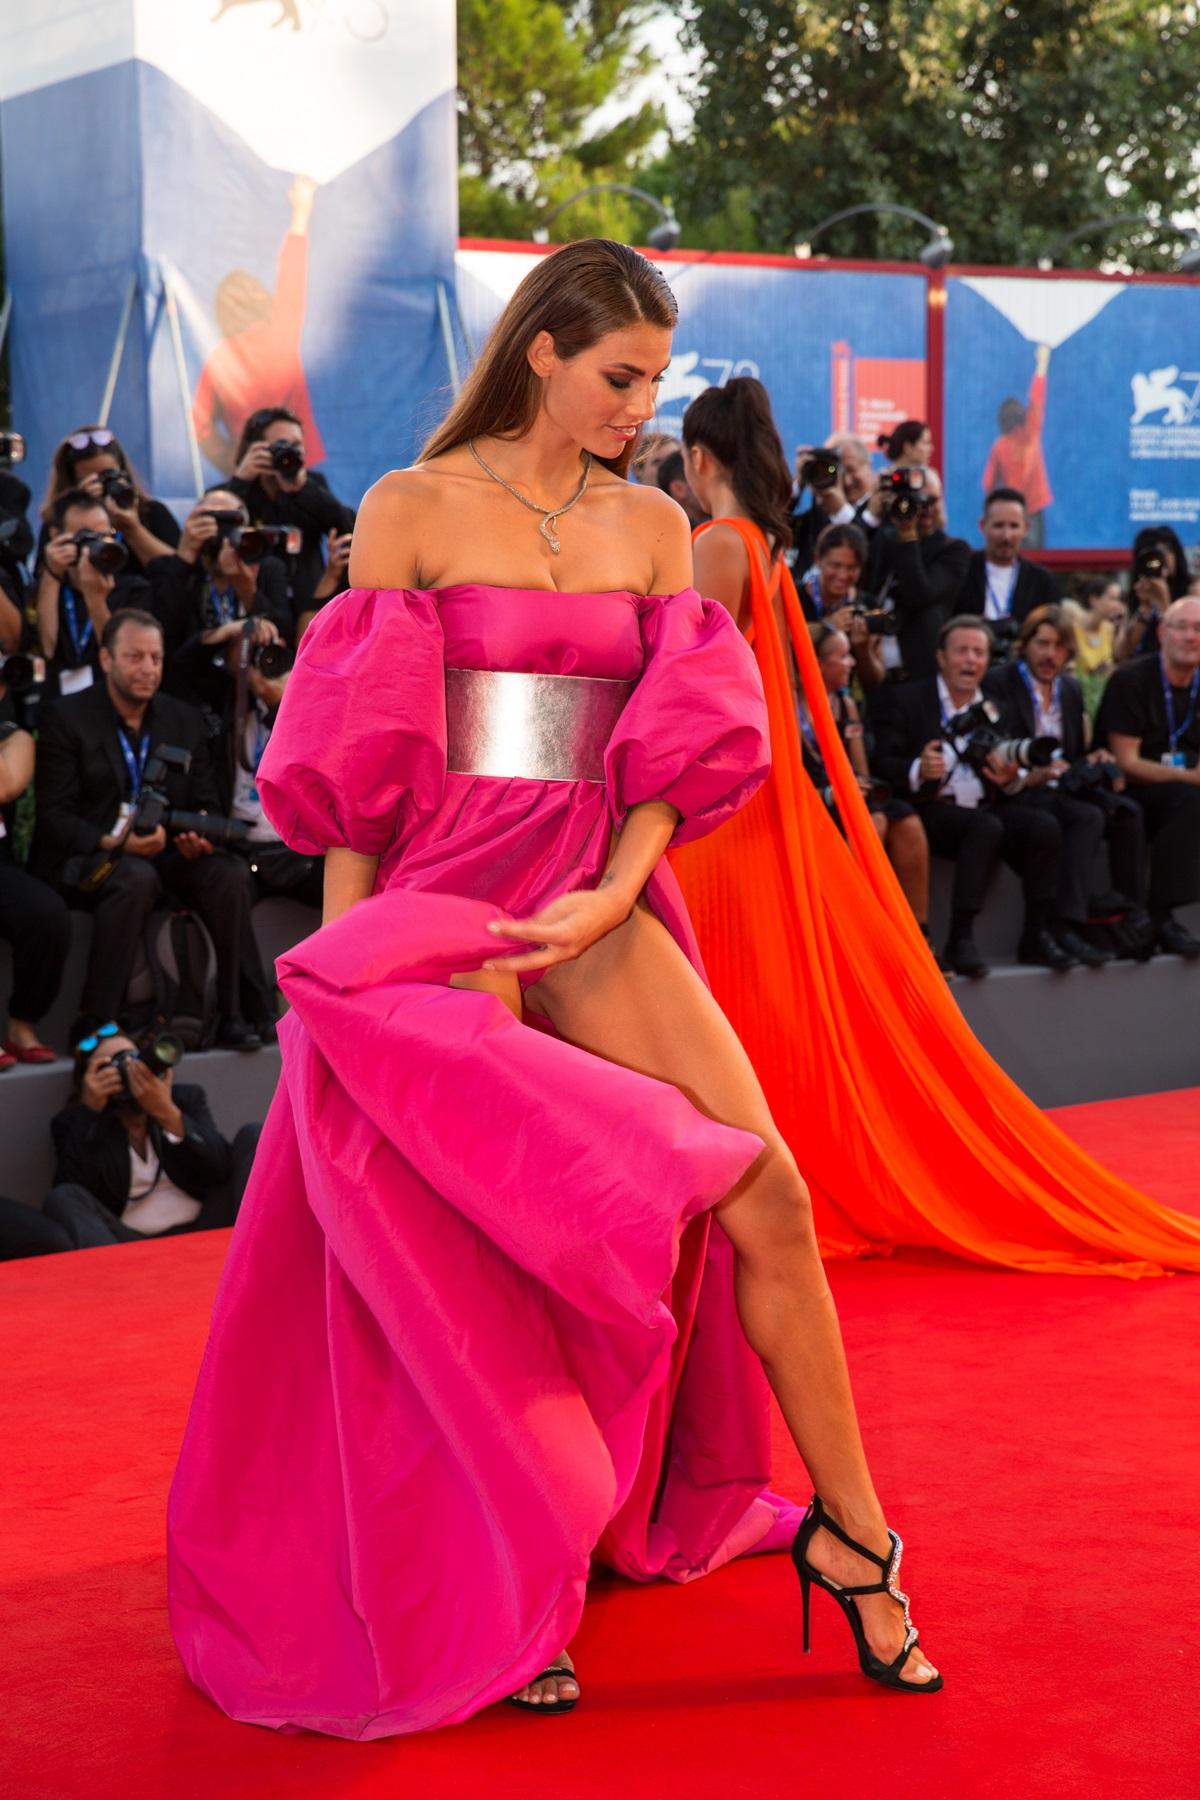 Las aberturas de la falda acaparan los flashes en el festival de cine de venecia - Commando ropa interior ...